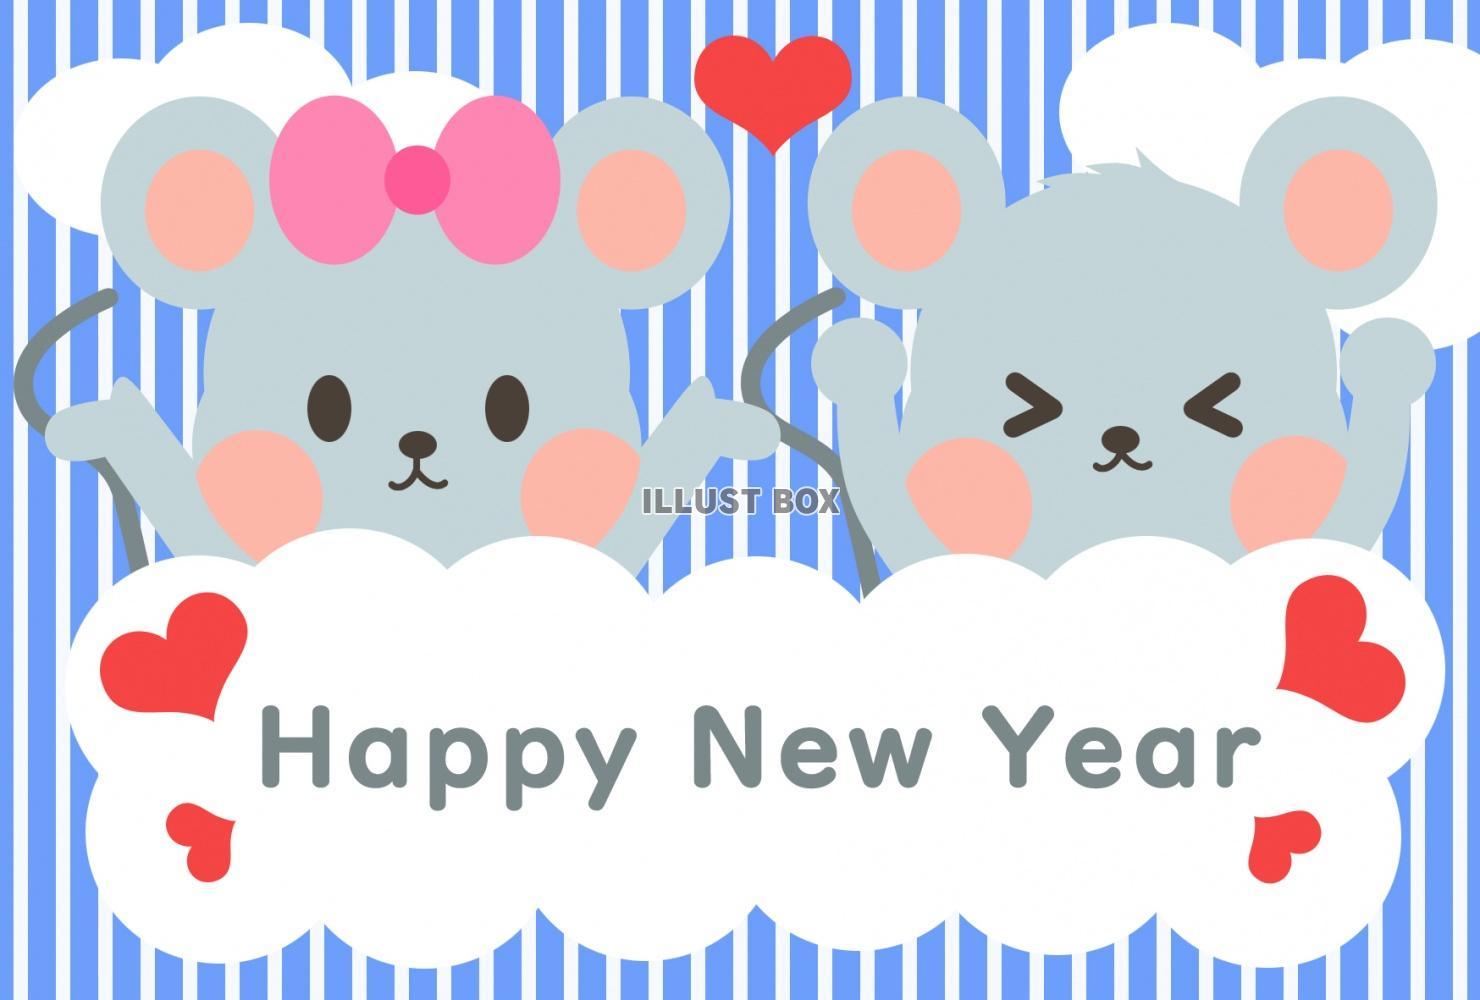 無料イラスト 2020年年賀状素材 二匹のラブラブなネズミ